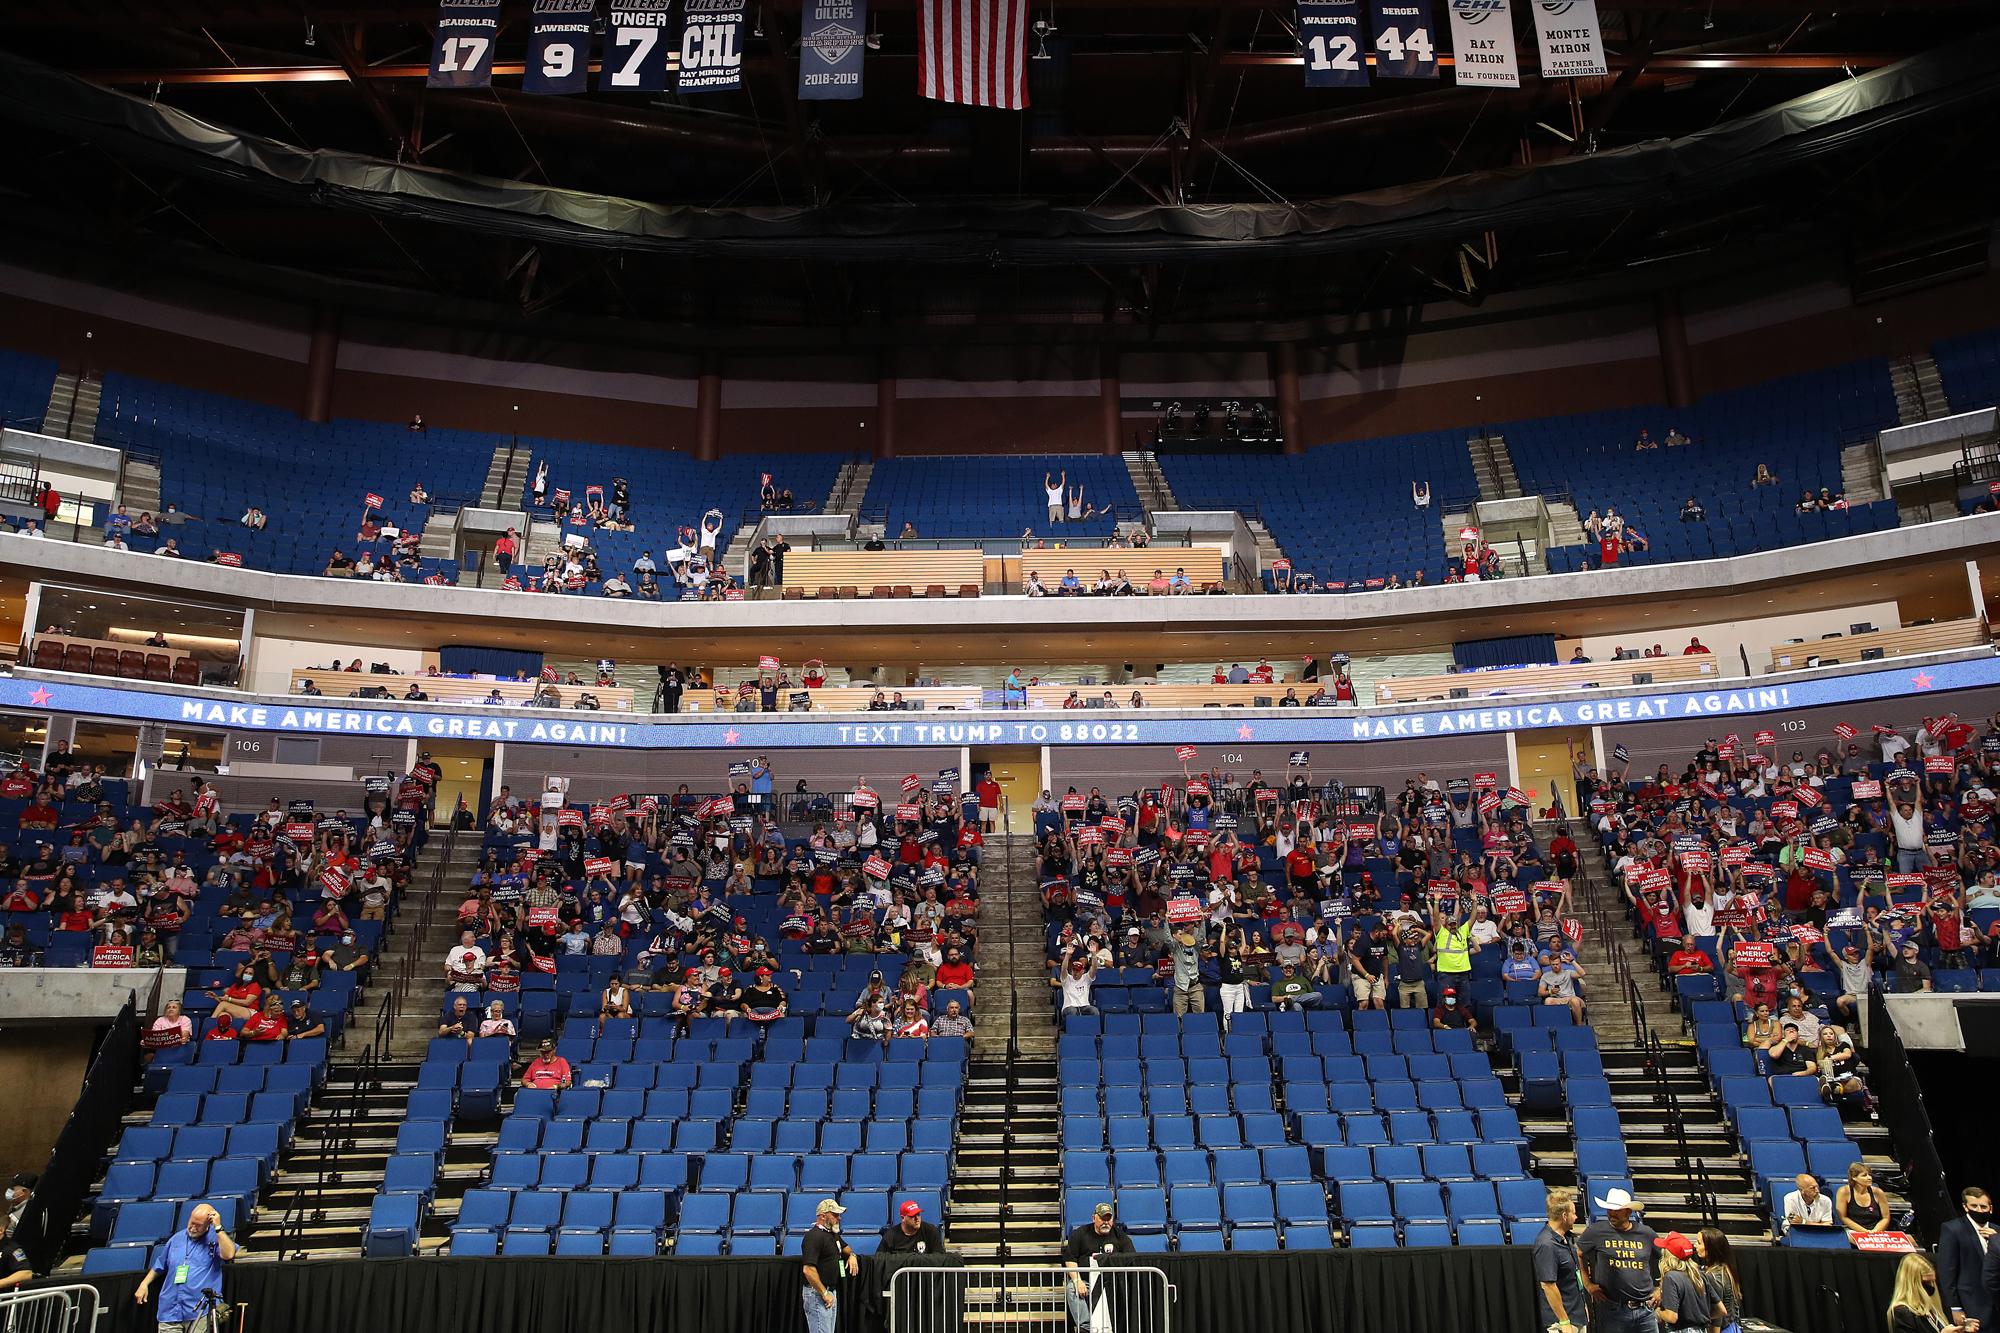 Apoiadores aguardam o início de um comício de campanha de Donald Trump no BOK Center em 20 de junho de 2020, em Tulsa, Oklahoma.